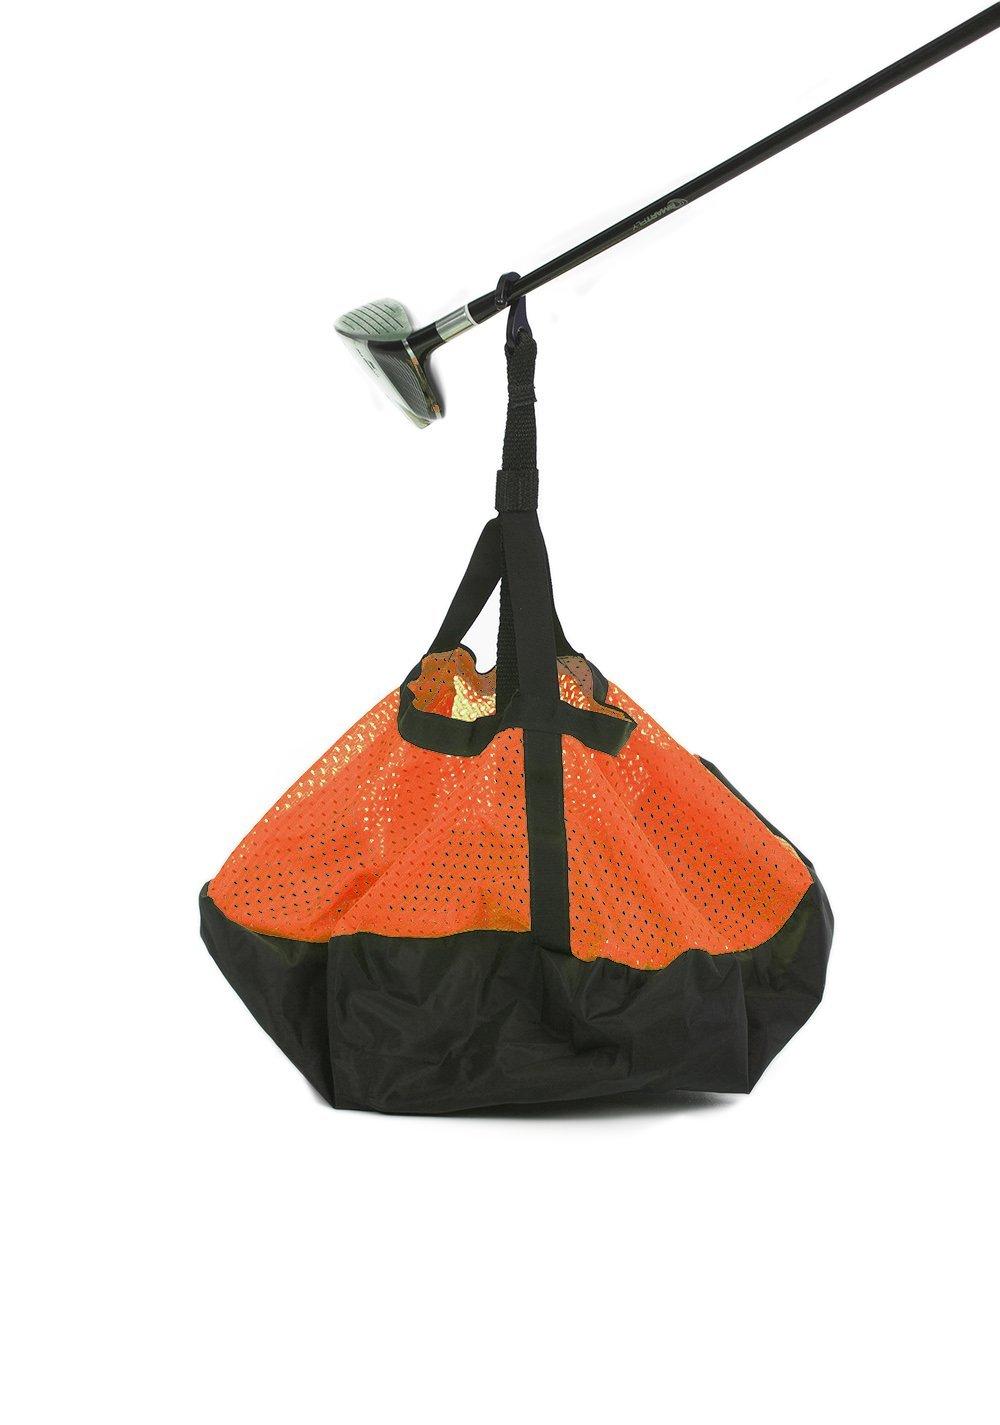 ゴルフシュートbyシュートトレーナー  オレンジ B01N0GCL4B